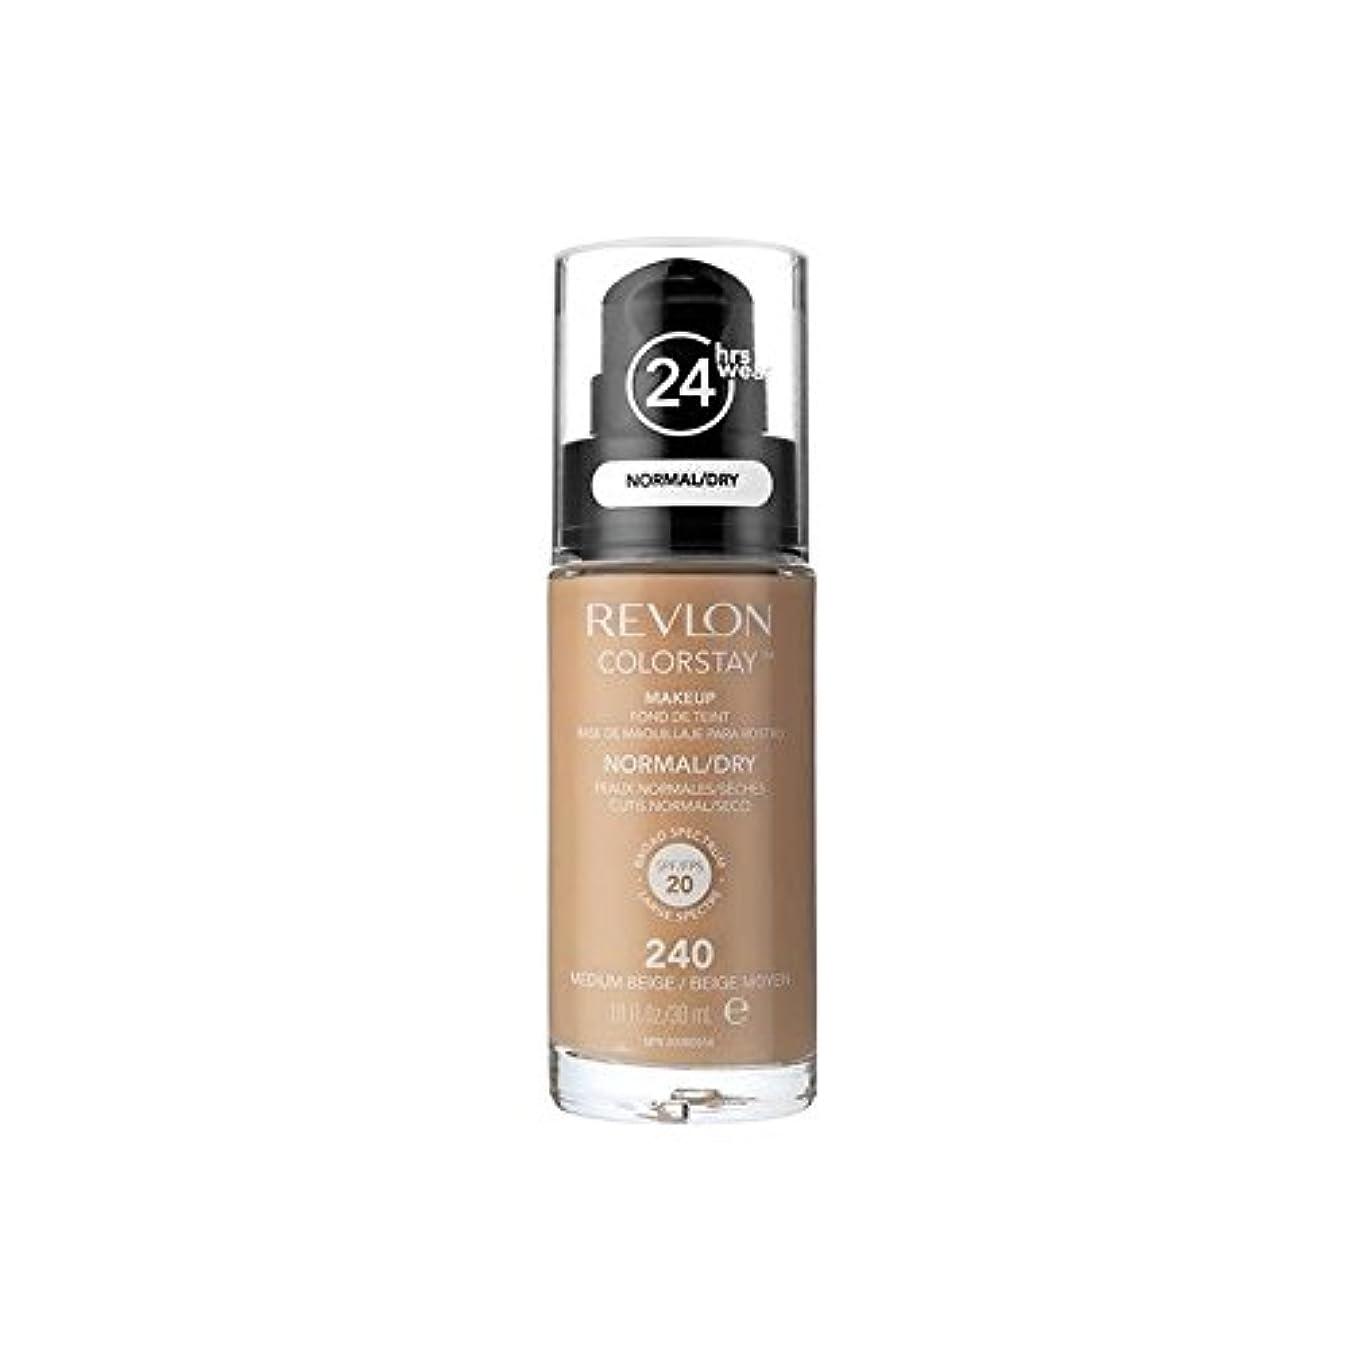 不承認隠す主にRevlon Colorstay Foundation Normal Dry Skin Medium Beige (Pack of 6) - レブロンの基礎通常の乾燥肌メディアベージュ x6 [並行輸入品]